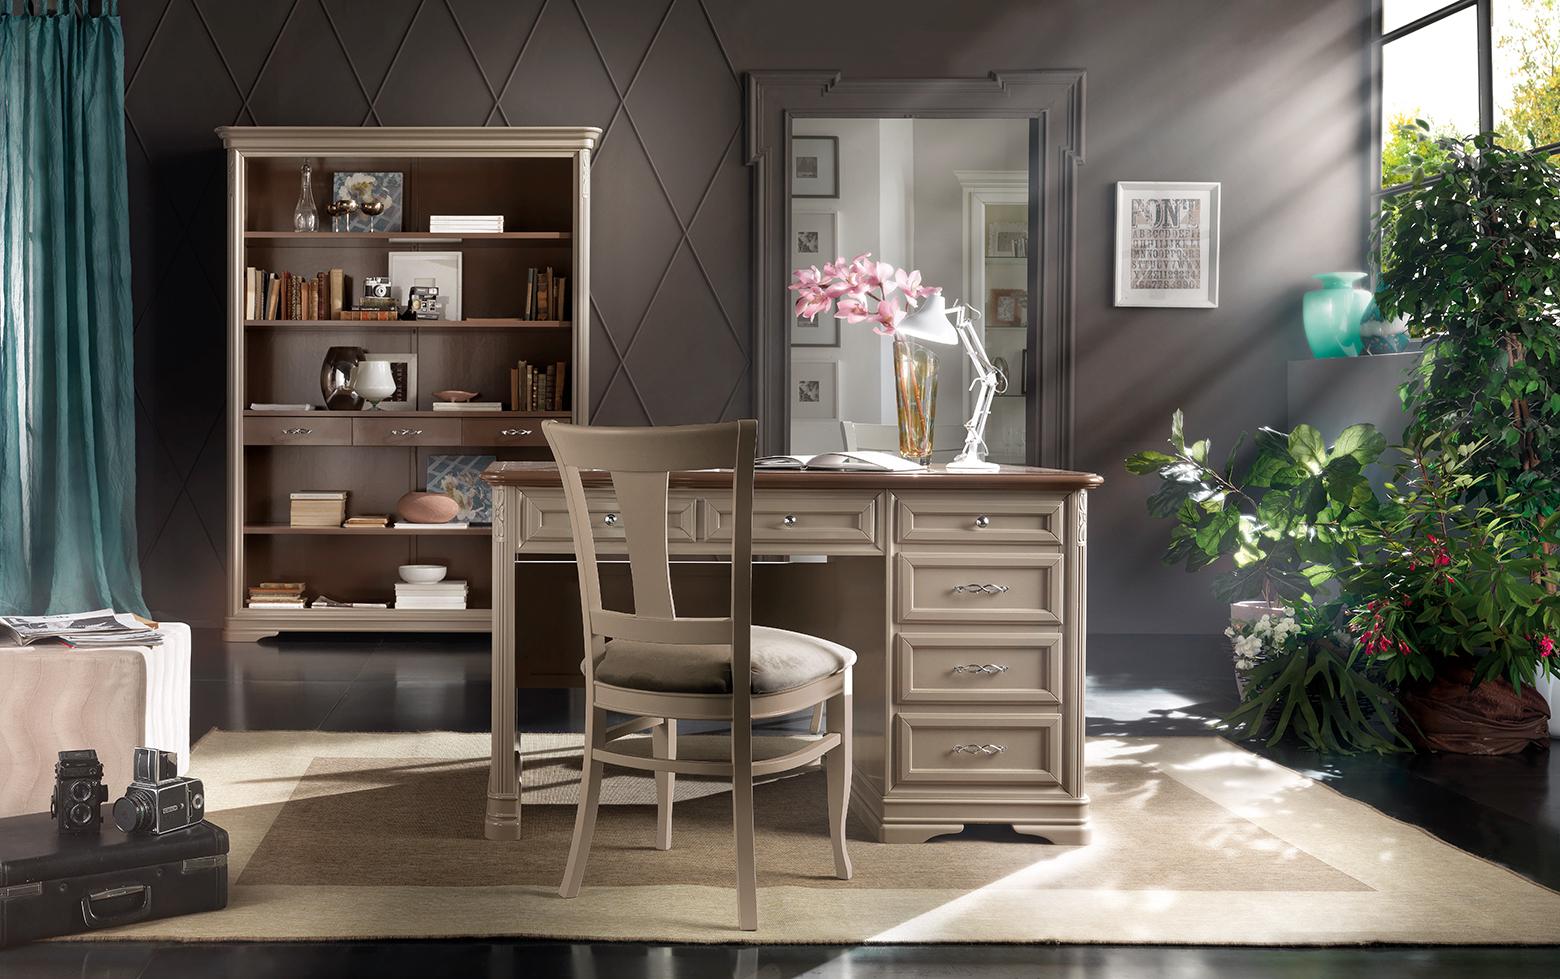 Scrittoio con cassetti stile classico, art. 539 - Sedia in legno con seduta in stoffa, art. 294 - Libreria a giorno con 3 cassetti, art. 186